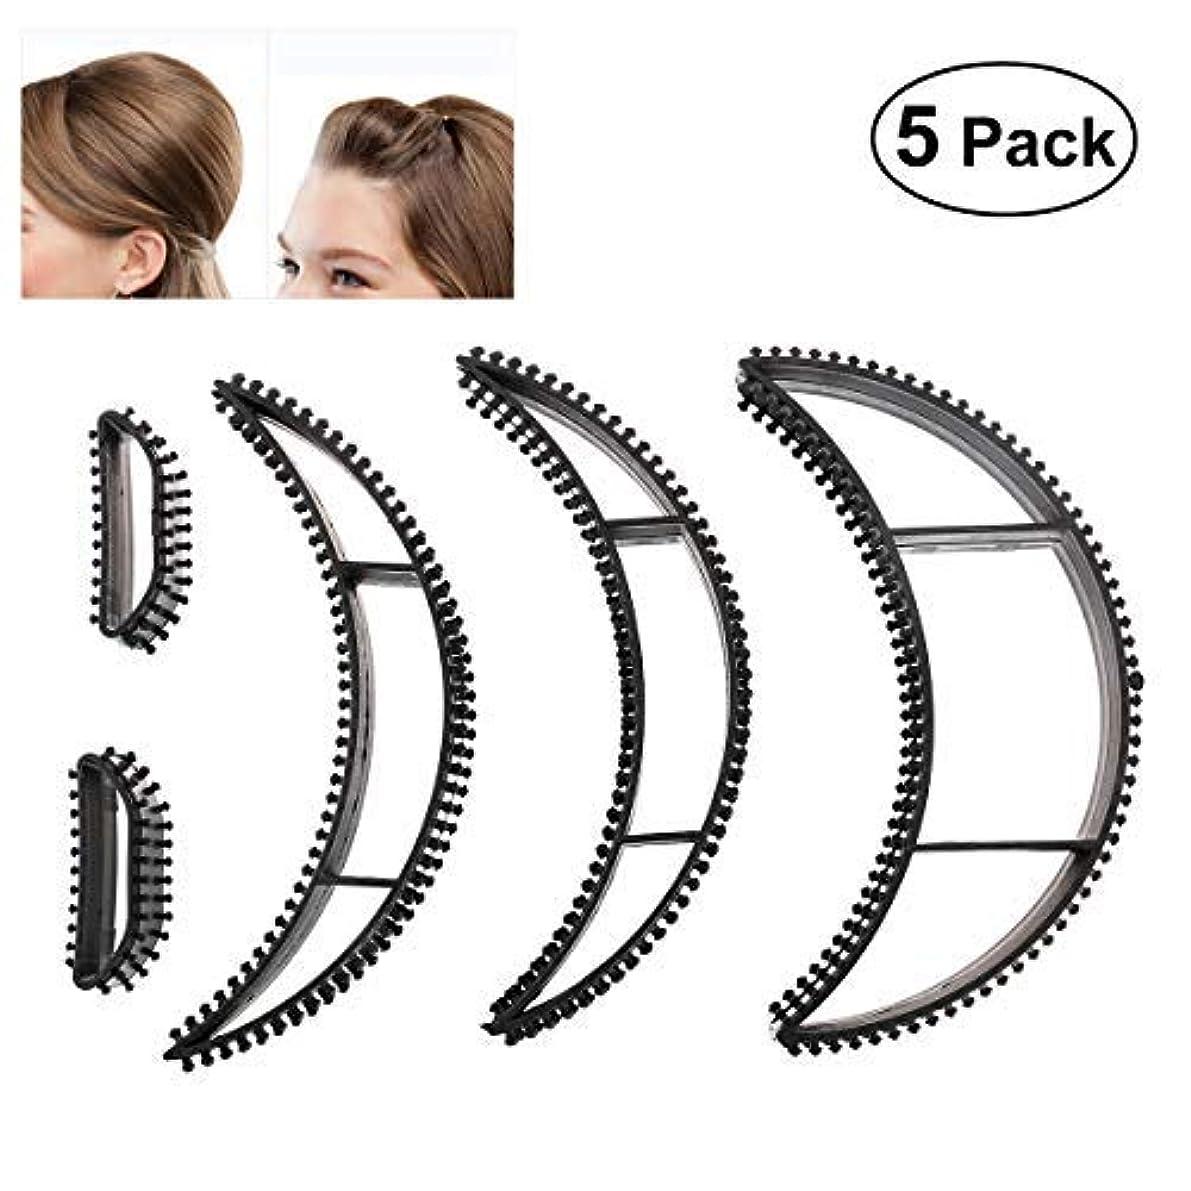 フェッチ食品耐久Tinksky Big Bumpits Happie Hair Volumizing Inserts Hair Pump Beauty Set Tool Gift,Pack of 5 (Black) [並行輸入品]